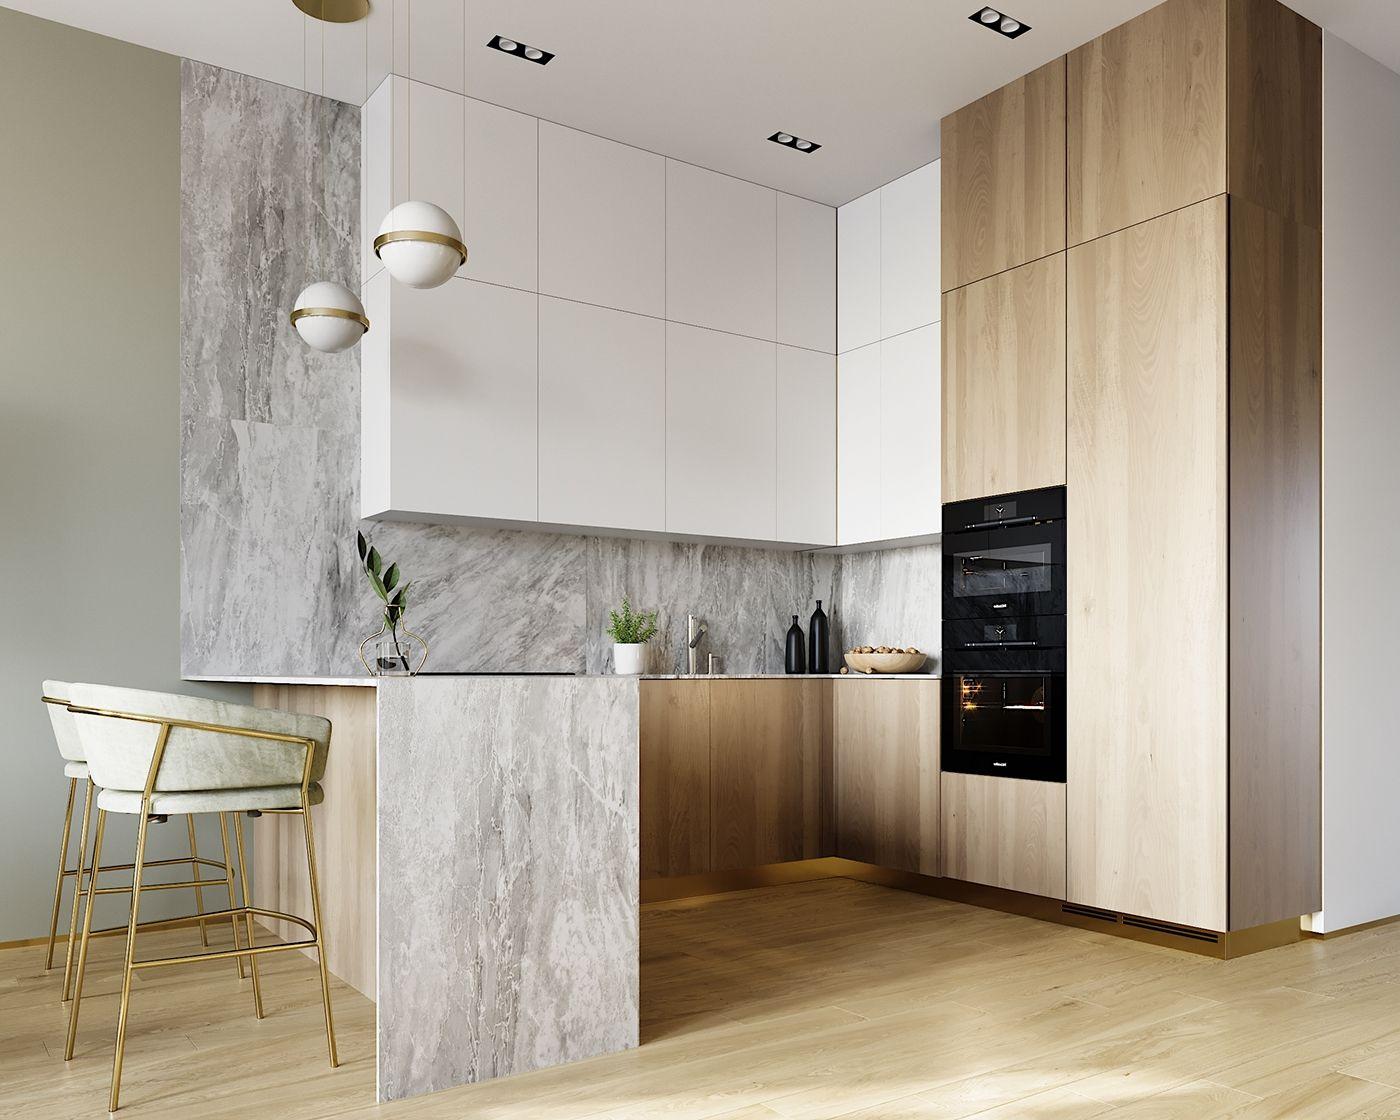 Greengold ap. | decoracion | Pinterest | Cocinas, Diseñar casas y ...